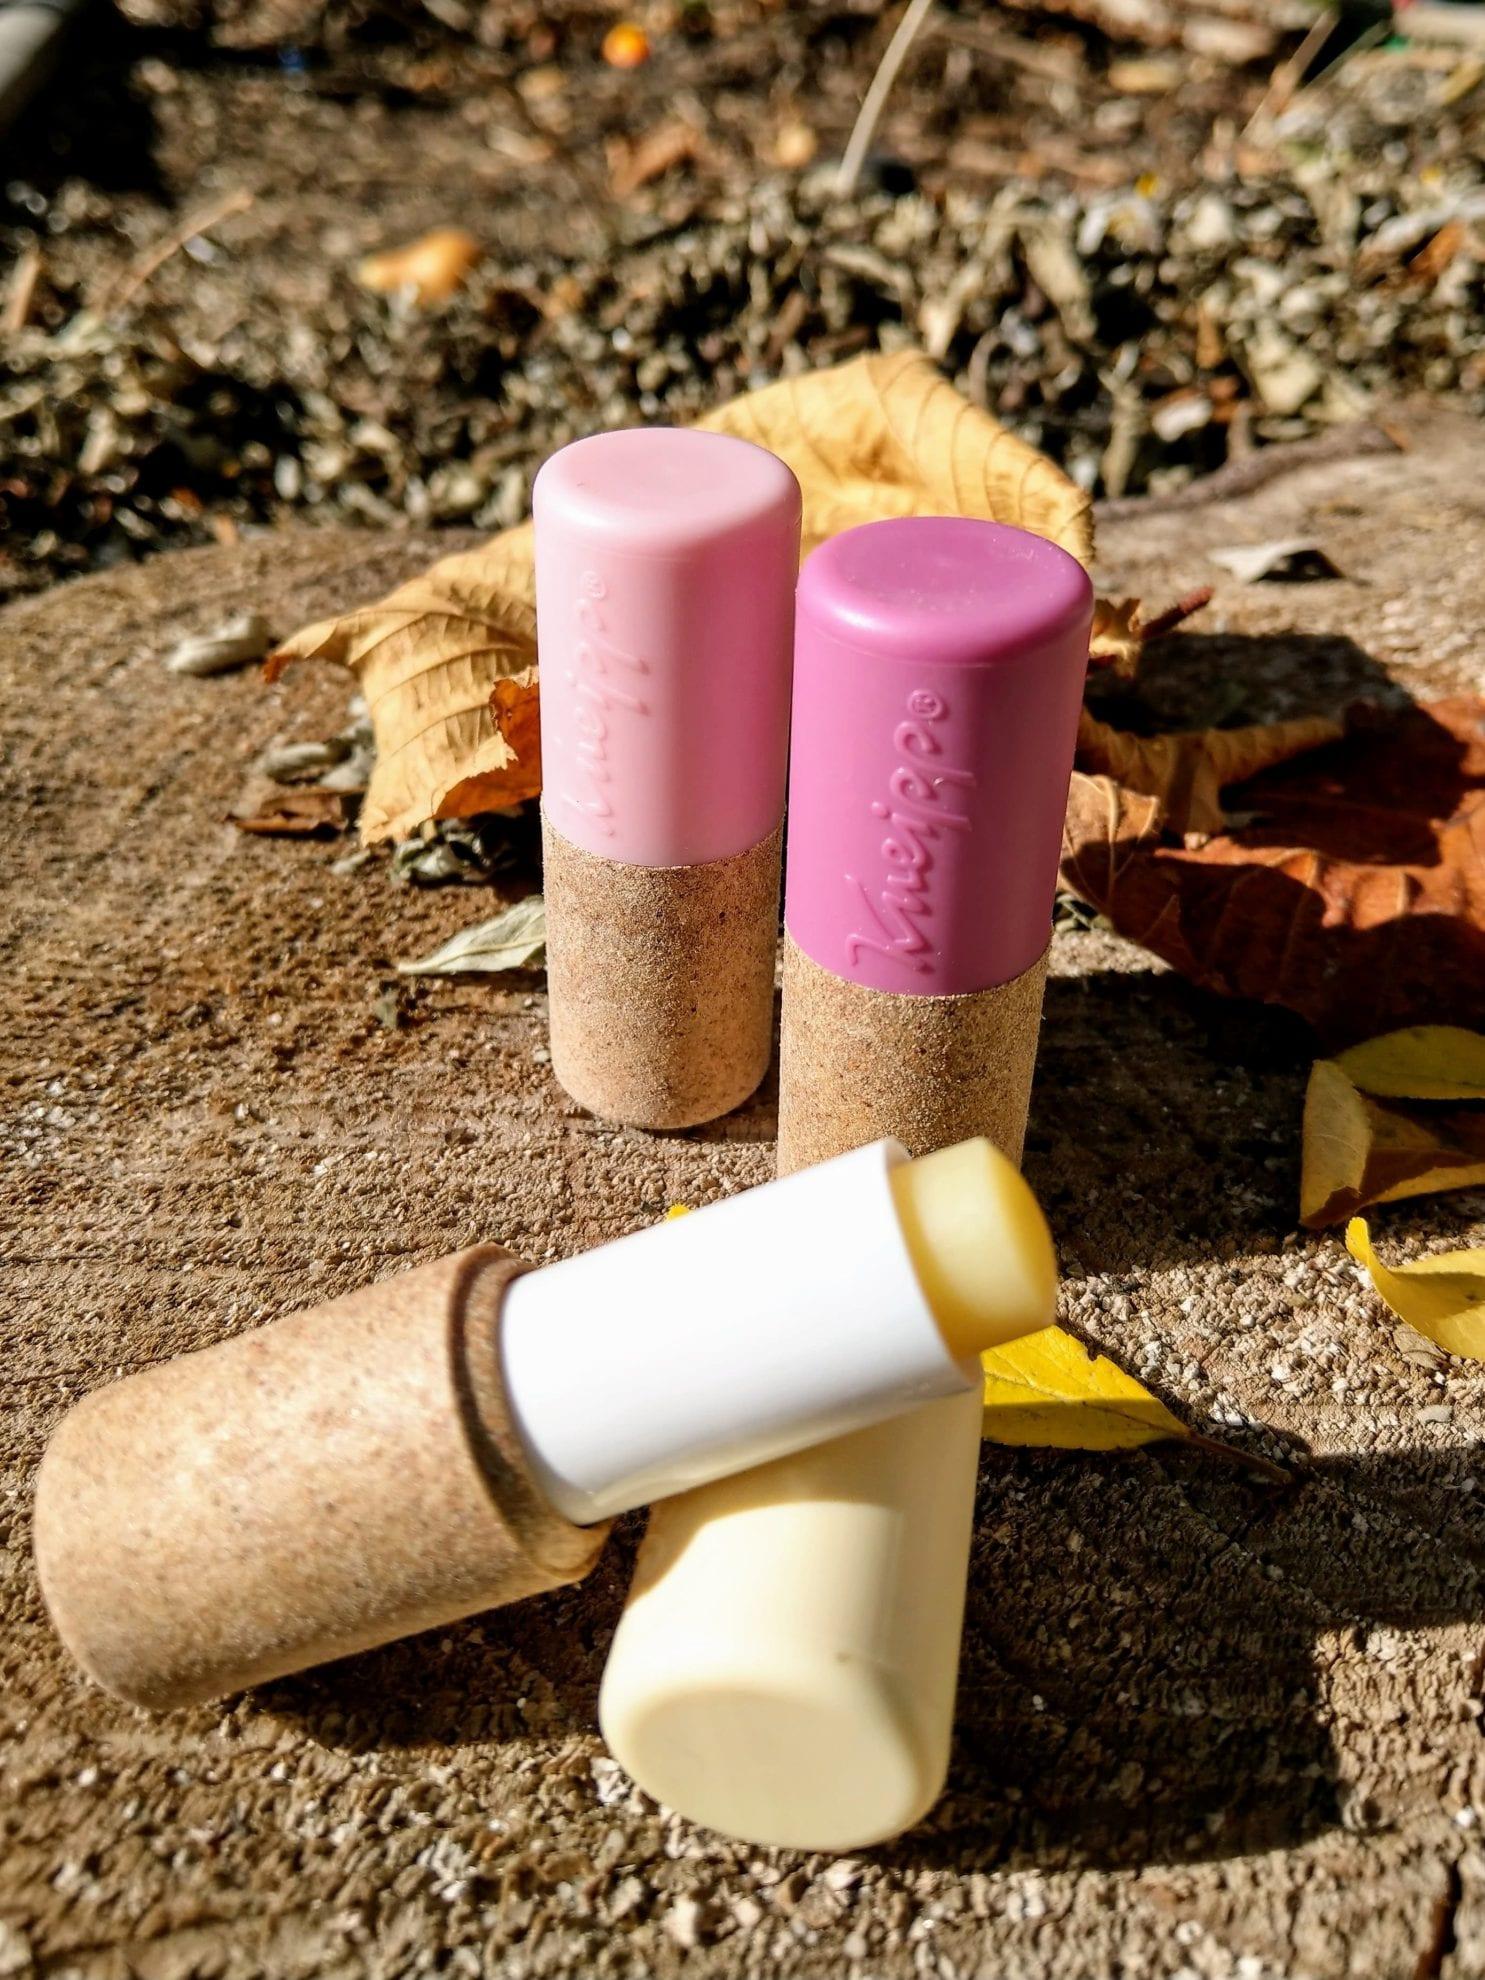 Unsere Morgenroutine im Herbst mit der Lippenpflege von Kneipp